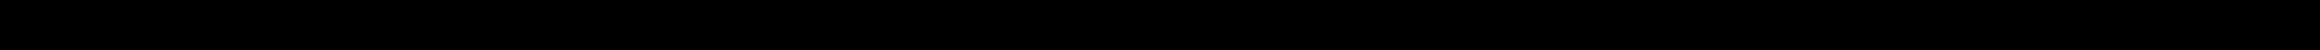 NGK 31916-Z0H-003, 31916-ZOH-003, CMR6H Süüteküünal